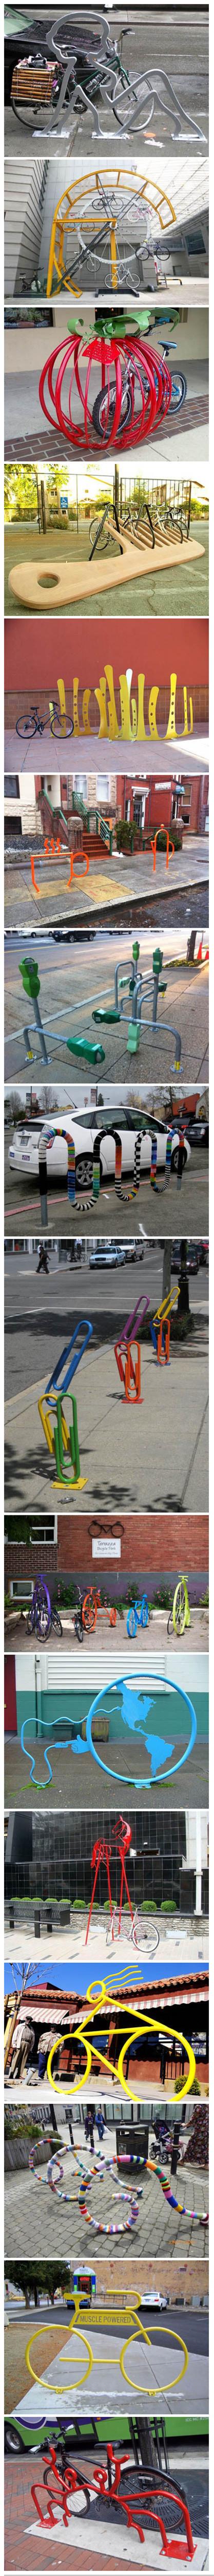 自行车雕塑 - everything